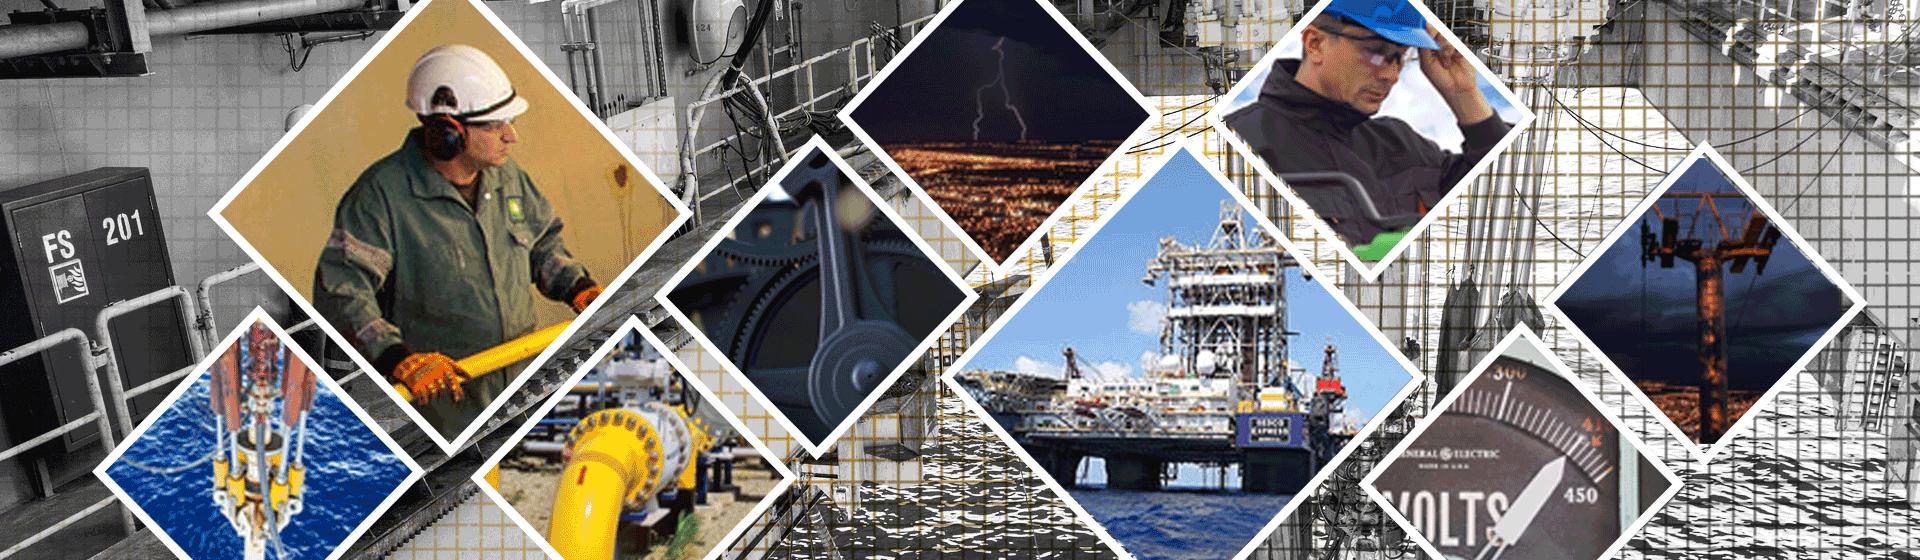 המכון הישראלי לאנרגיה ולסביבה תעשייה